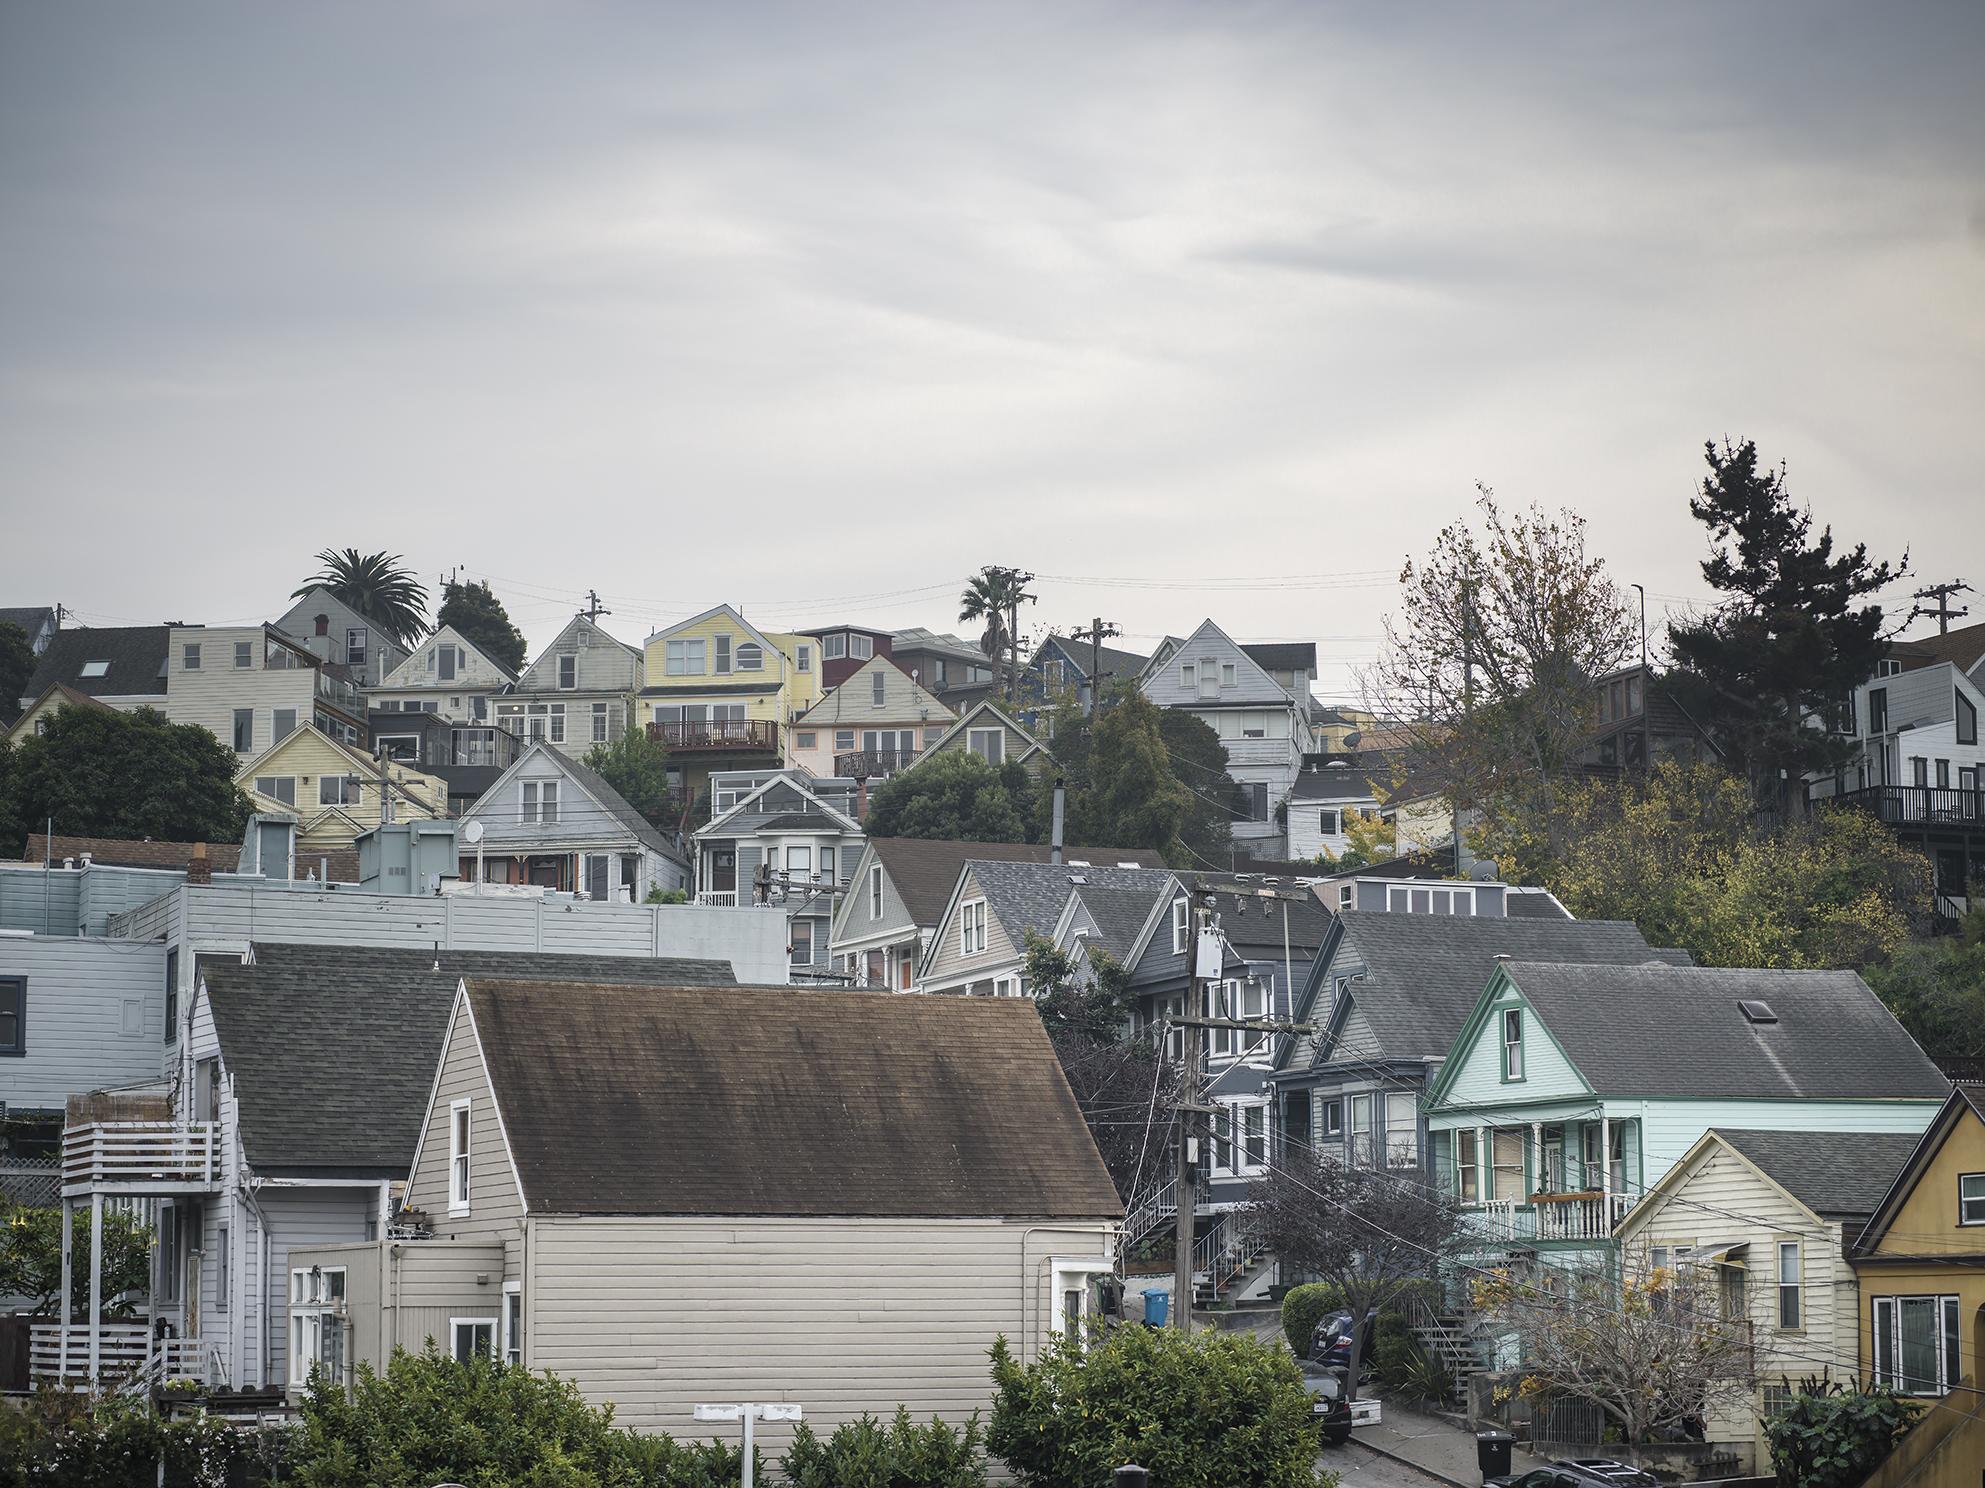 San Francisco, California. November 2018.